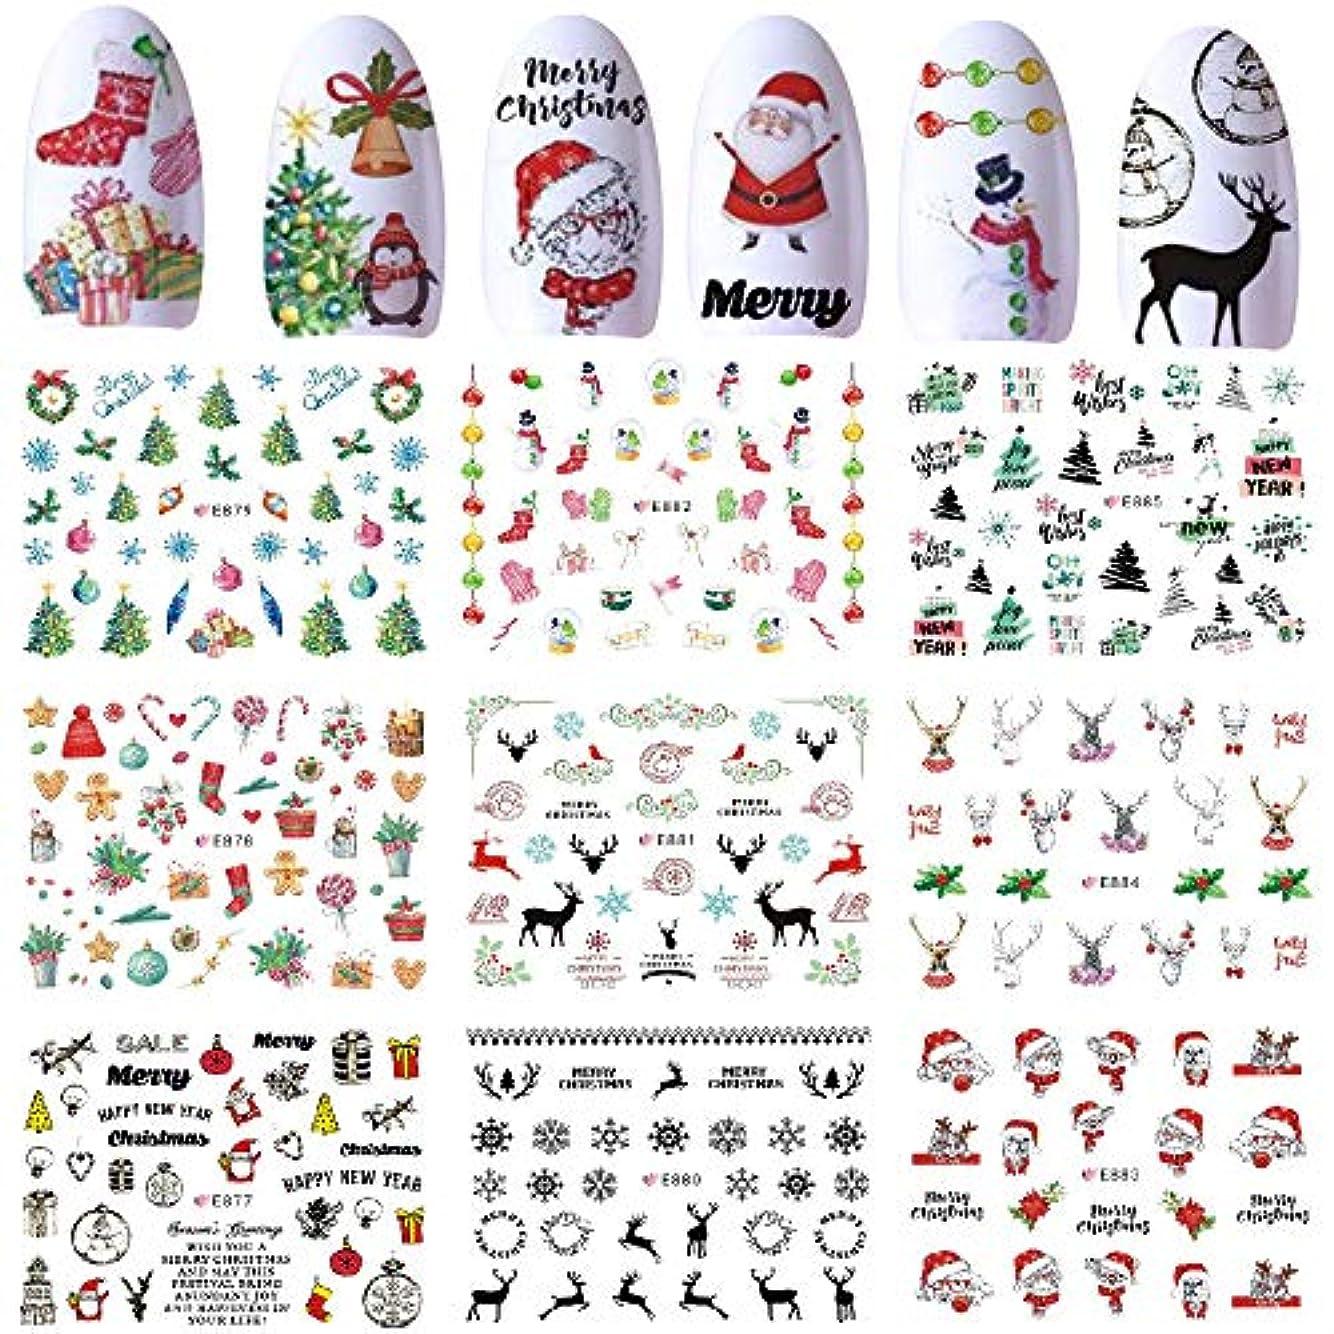 盟主娯楽退屈なクリスマステーマテッカー ジェルネイルに埋め込み ランダムパータンネイルパーツネイルアート